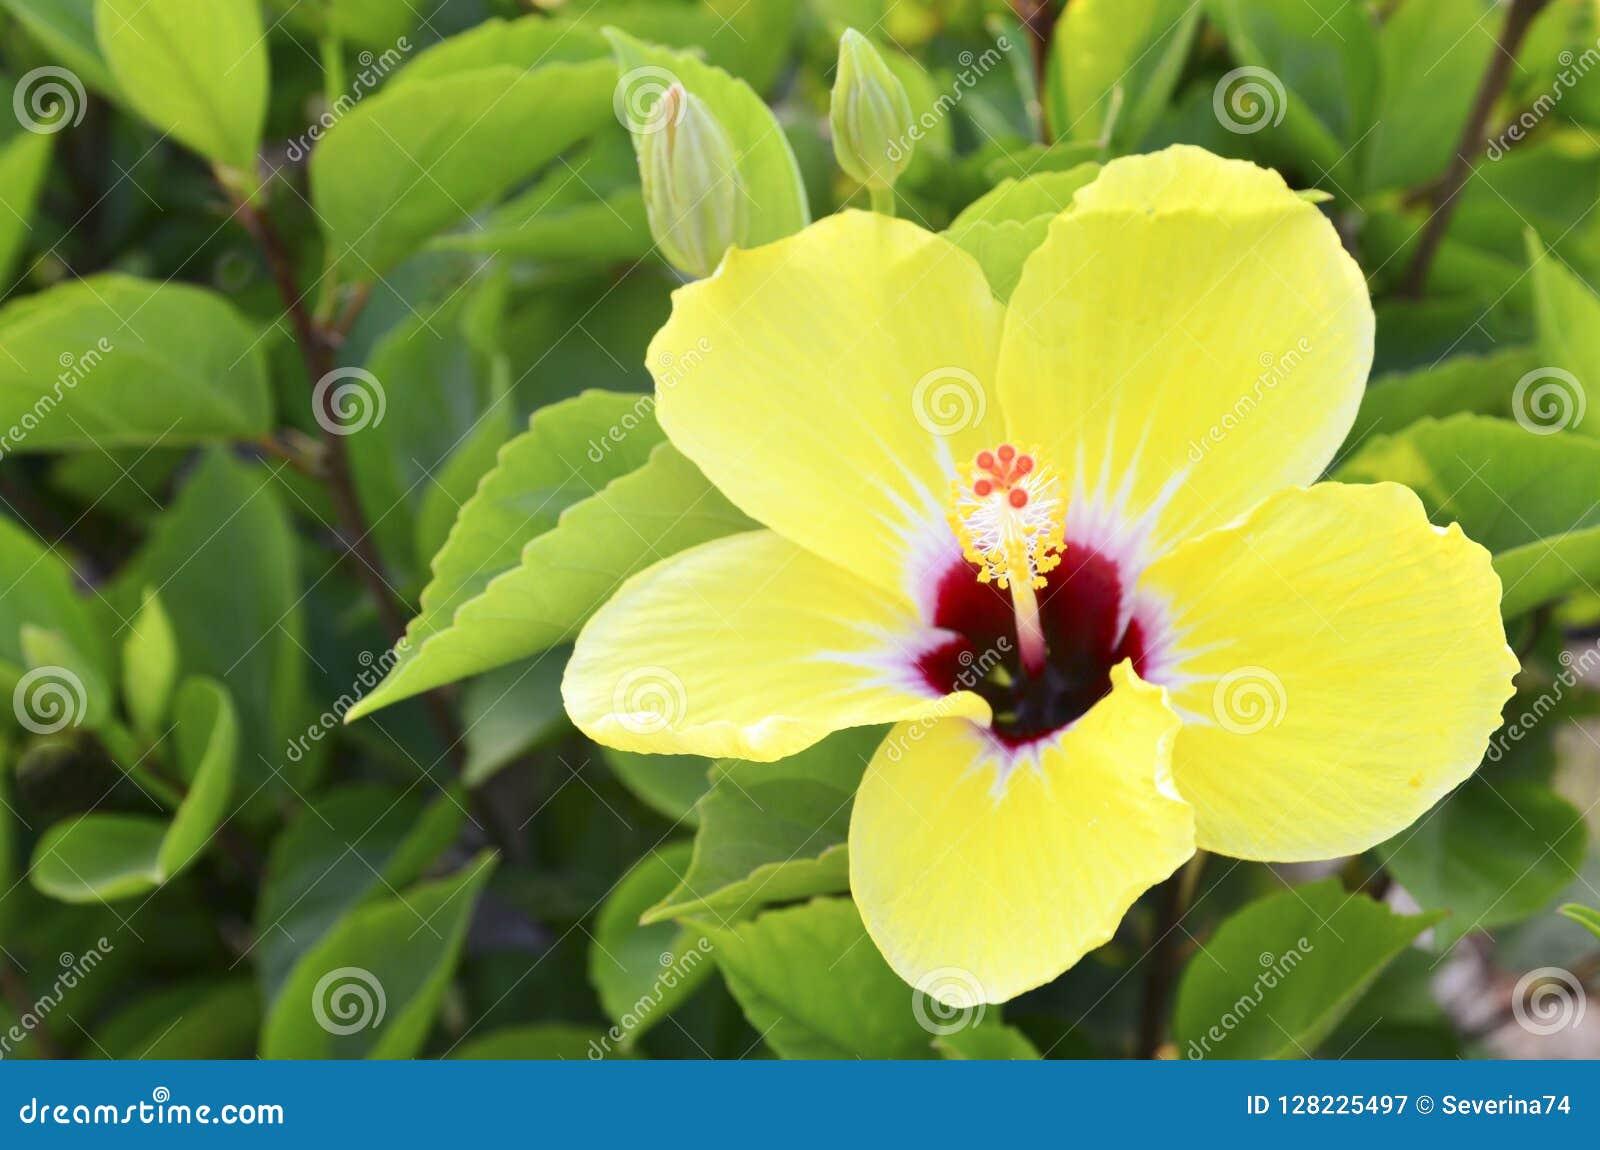 Beautiful Yellow Hibiscus Flower China Rosegudhalchabashoe Flower